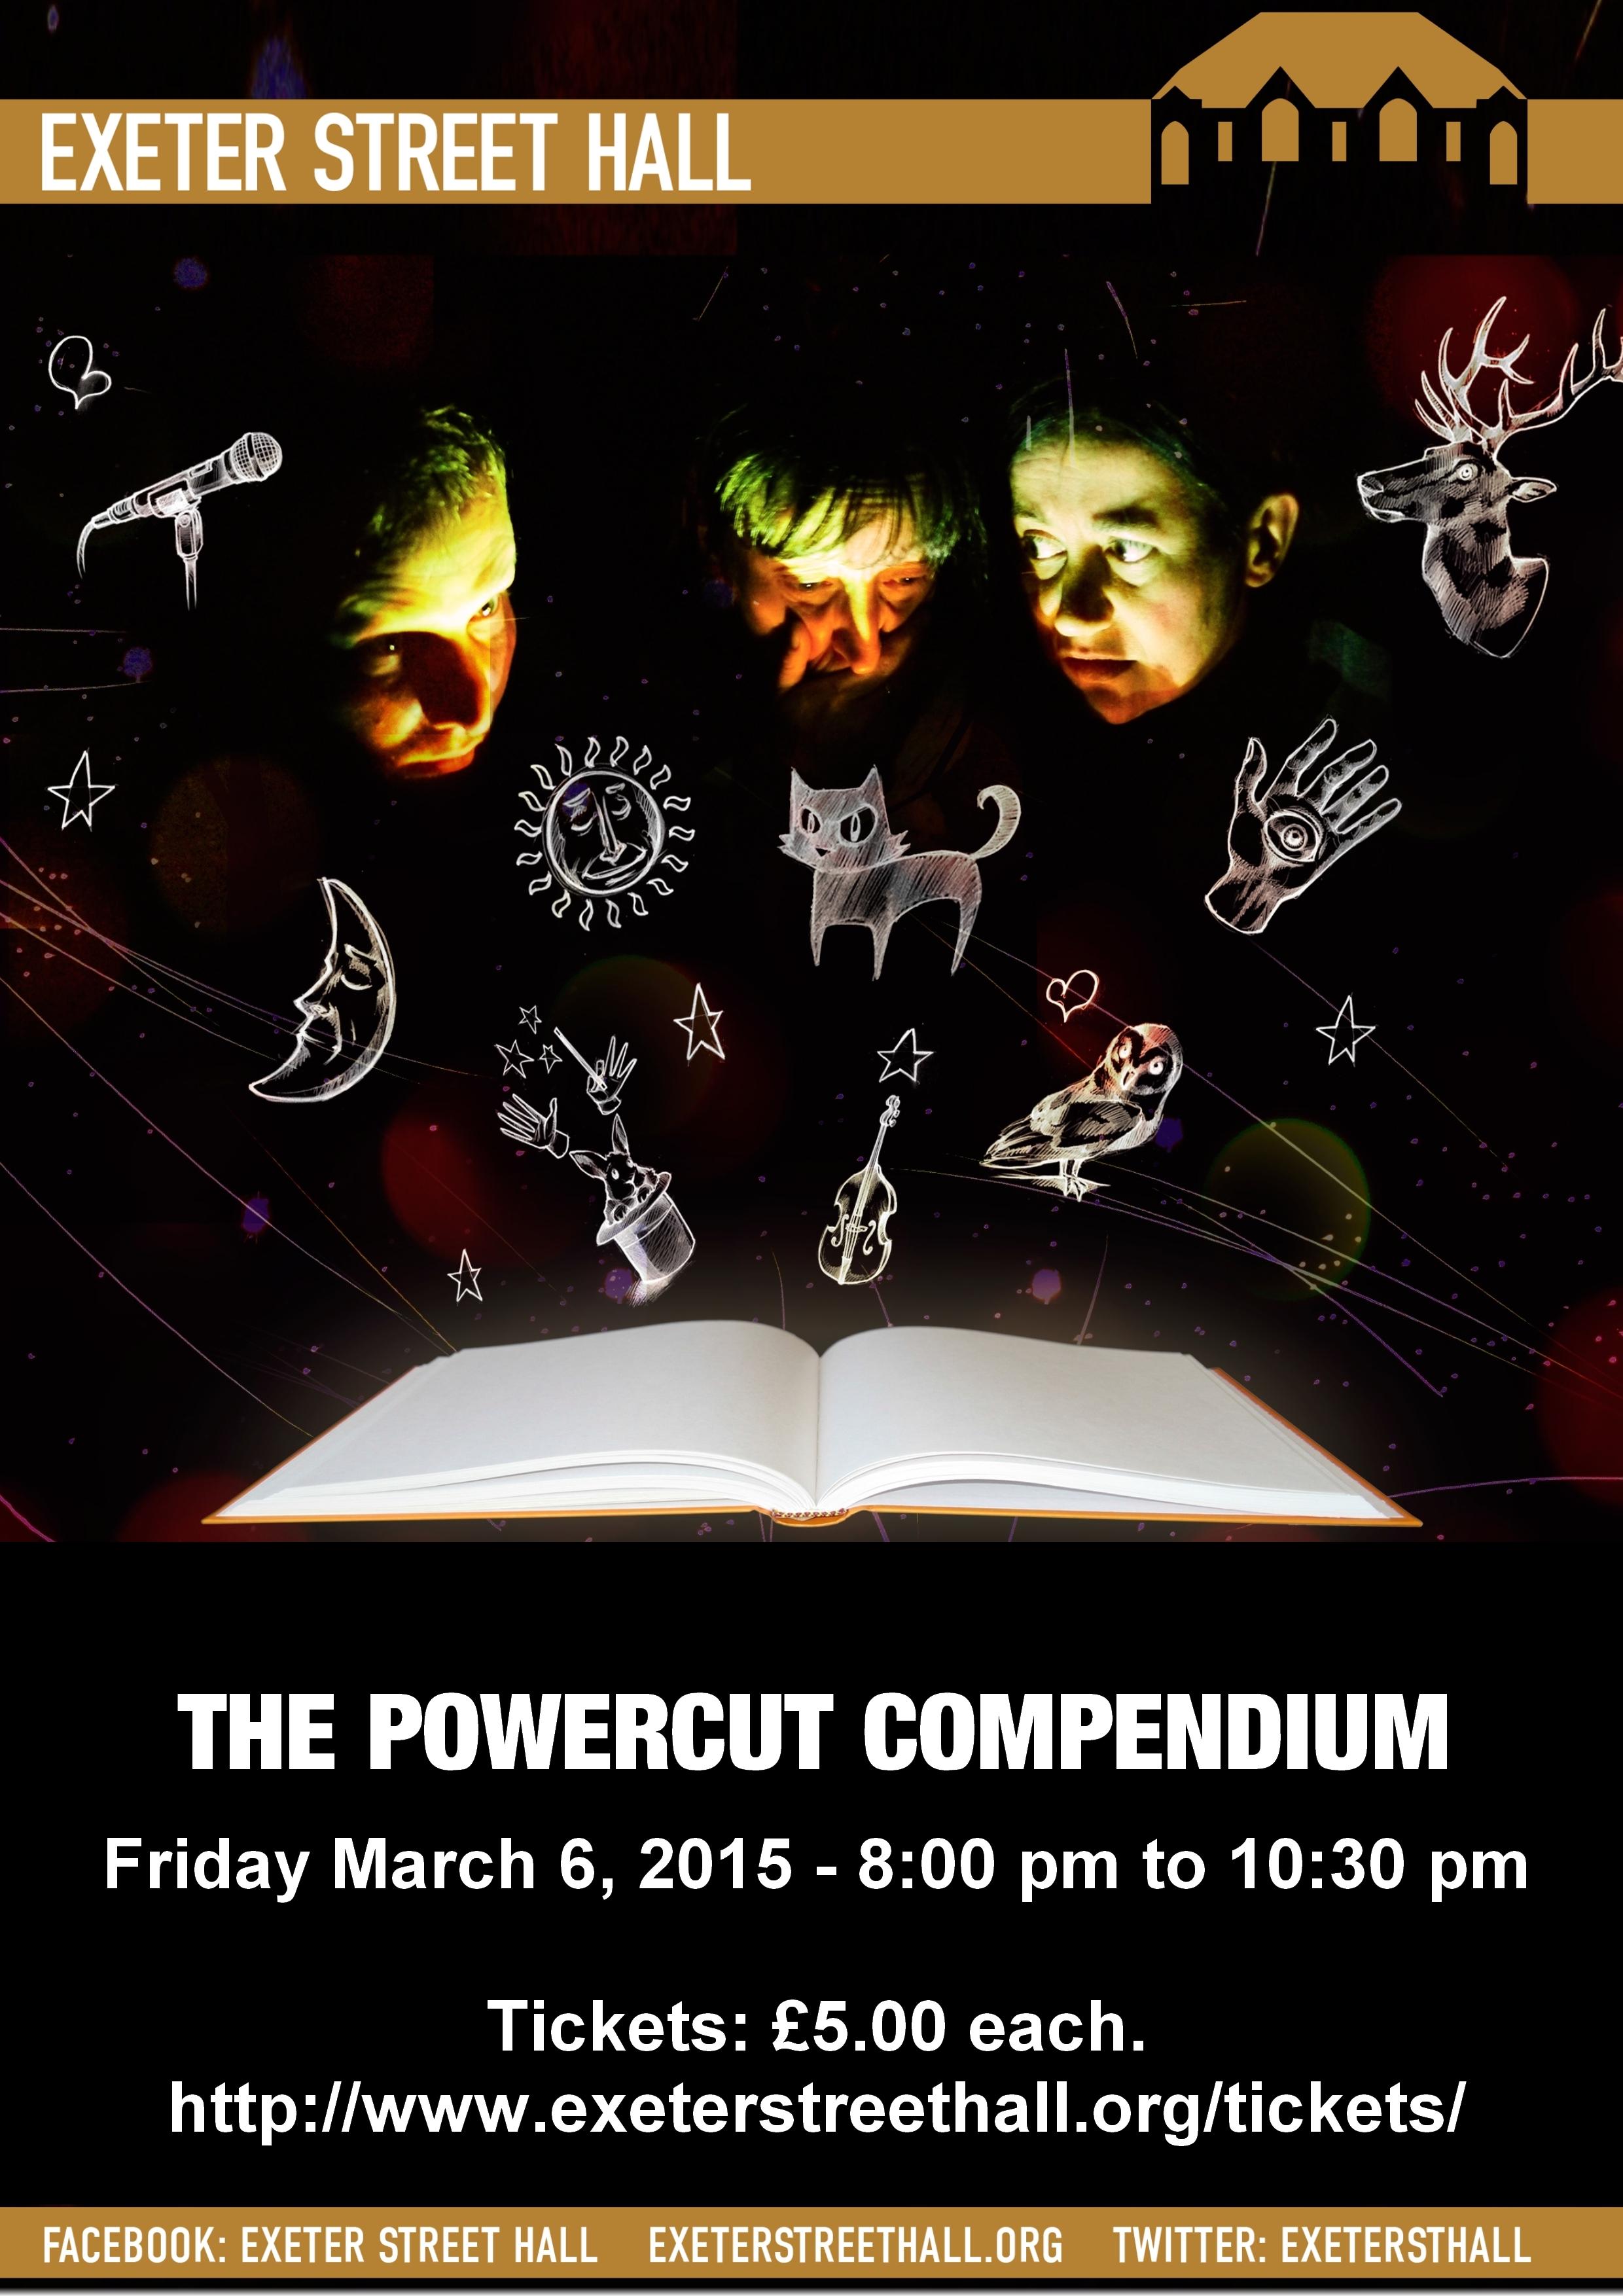 The Powercut Compendium Poster